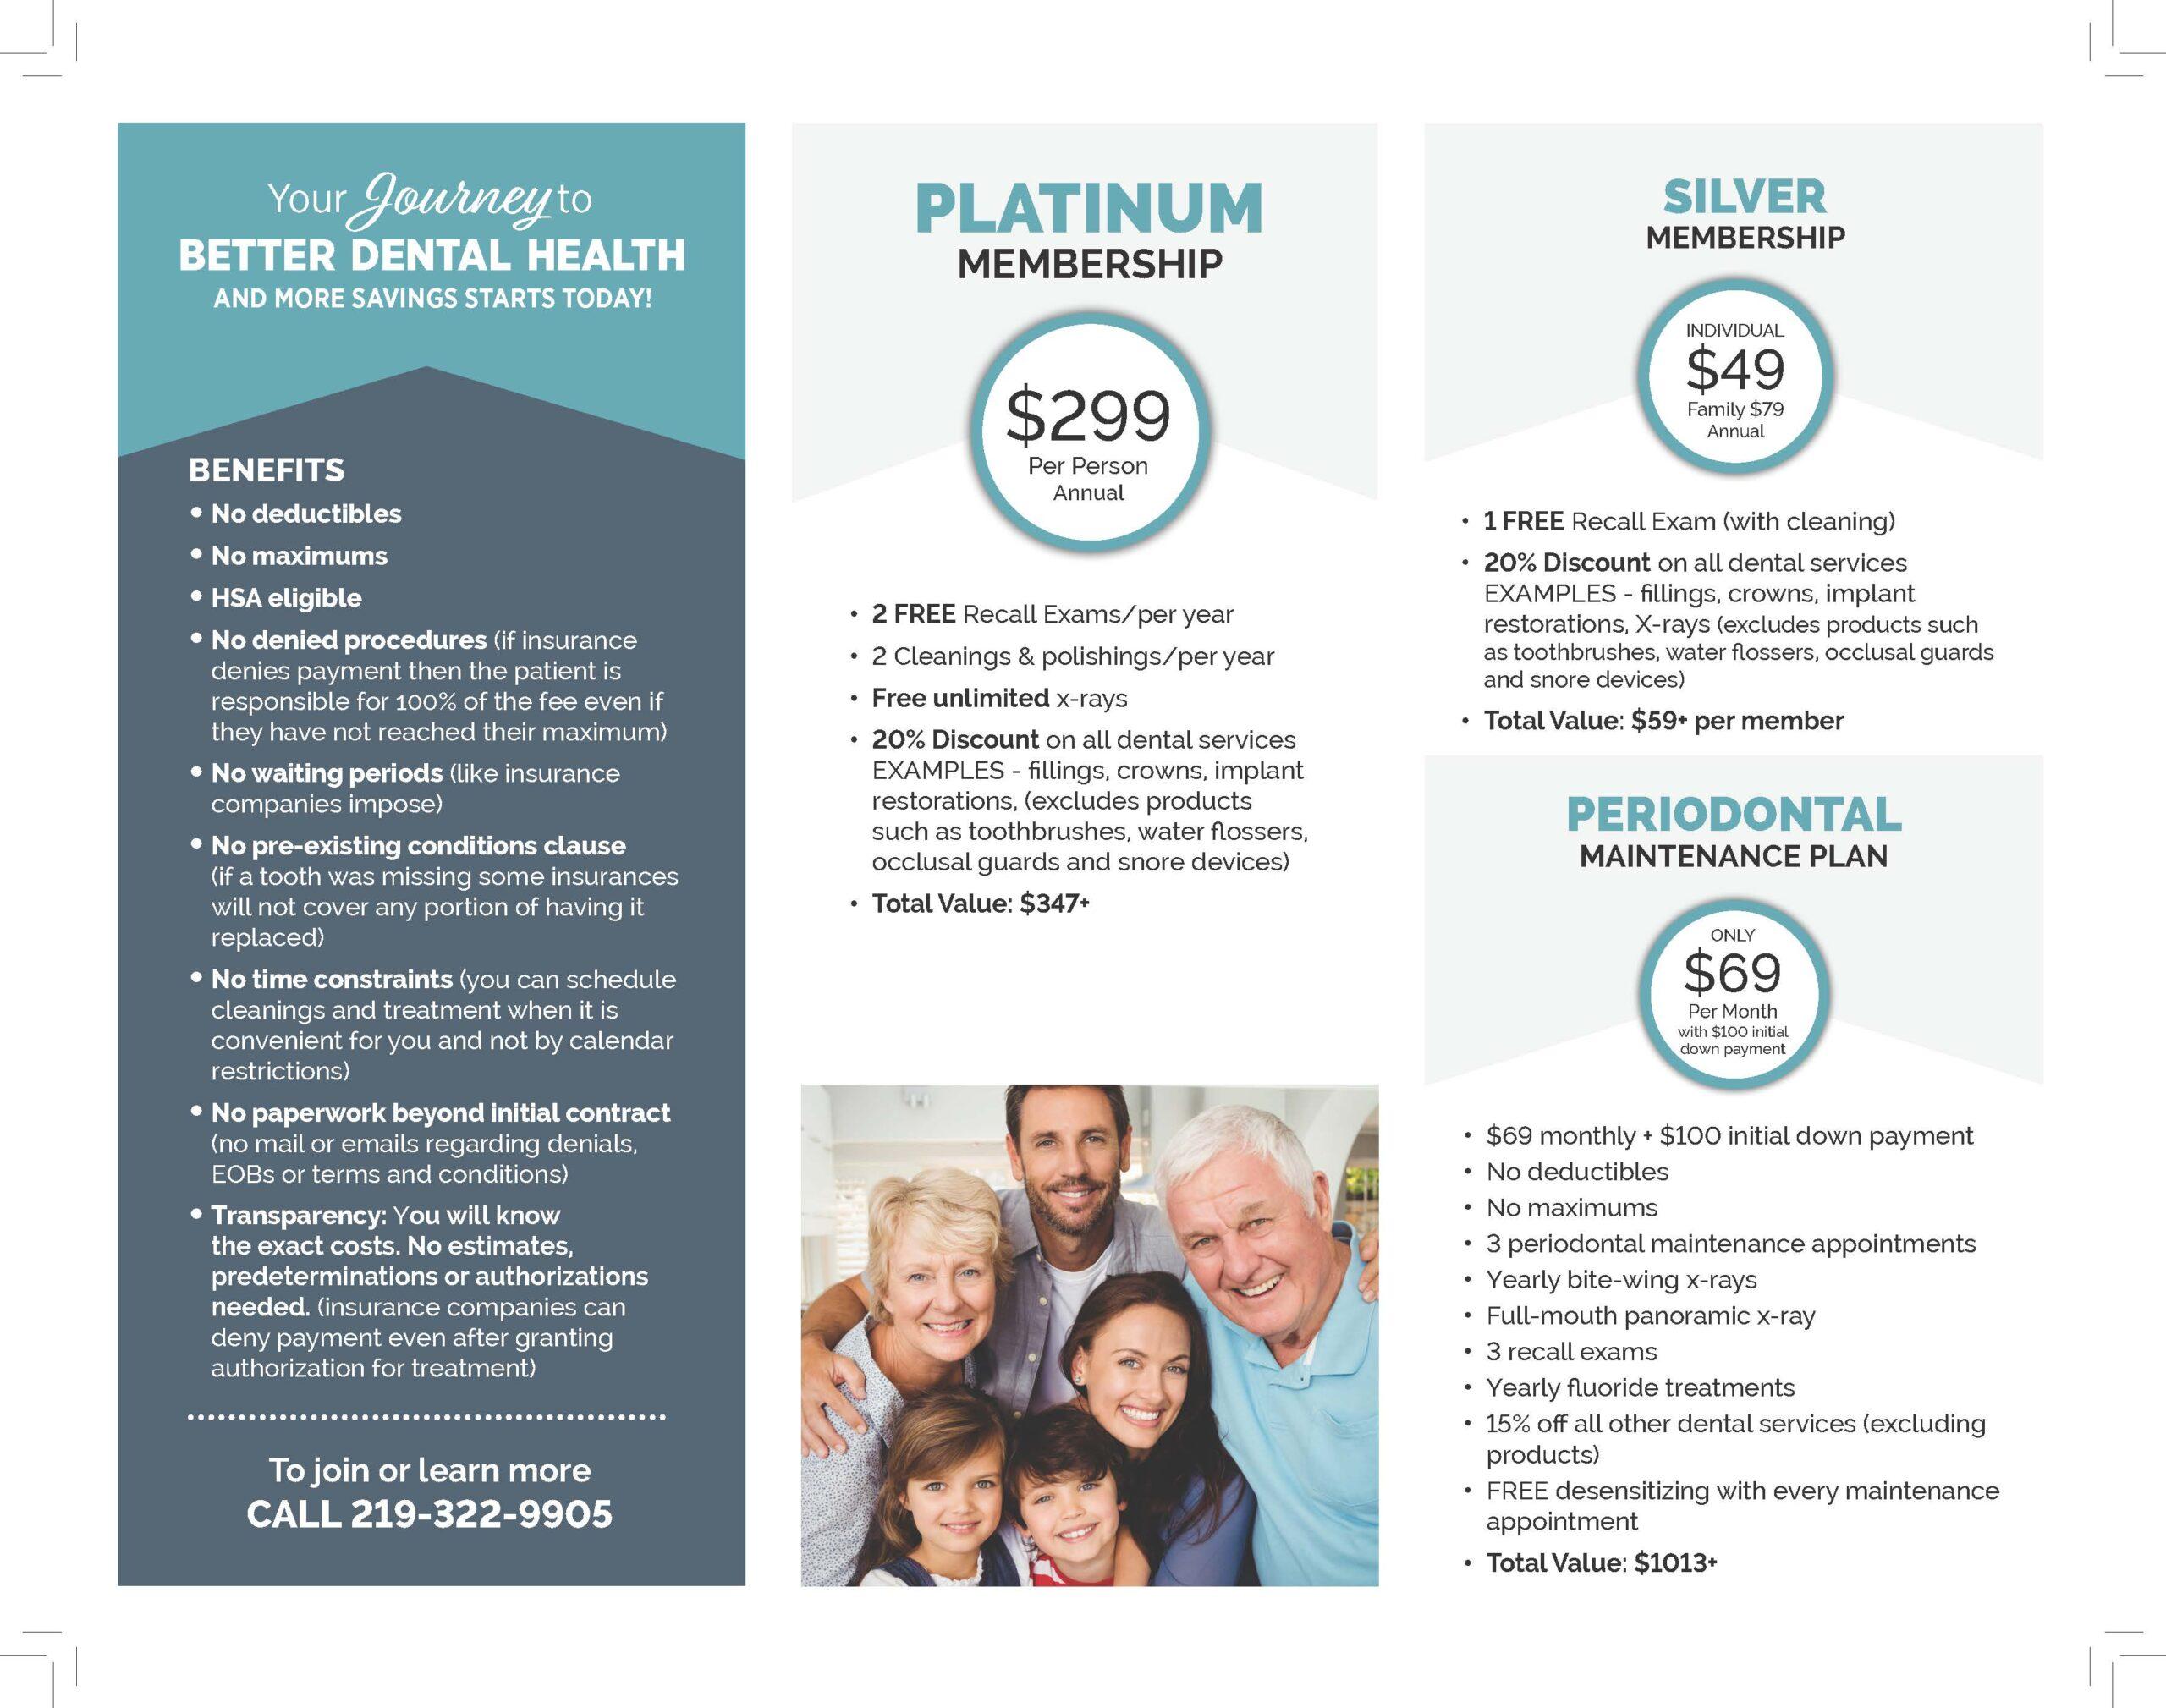 Membership Savings Plan Pricing